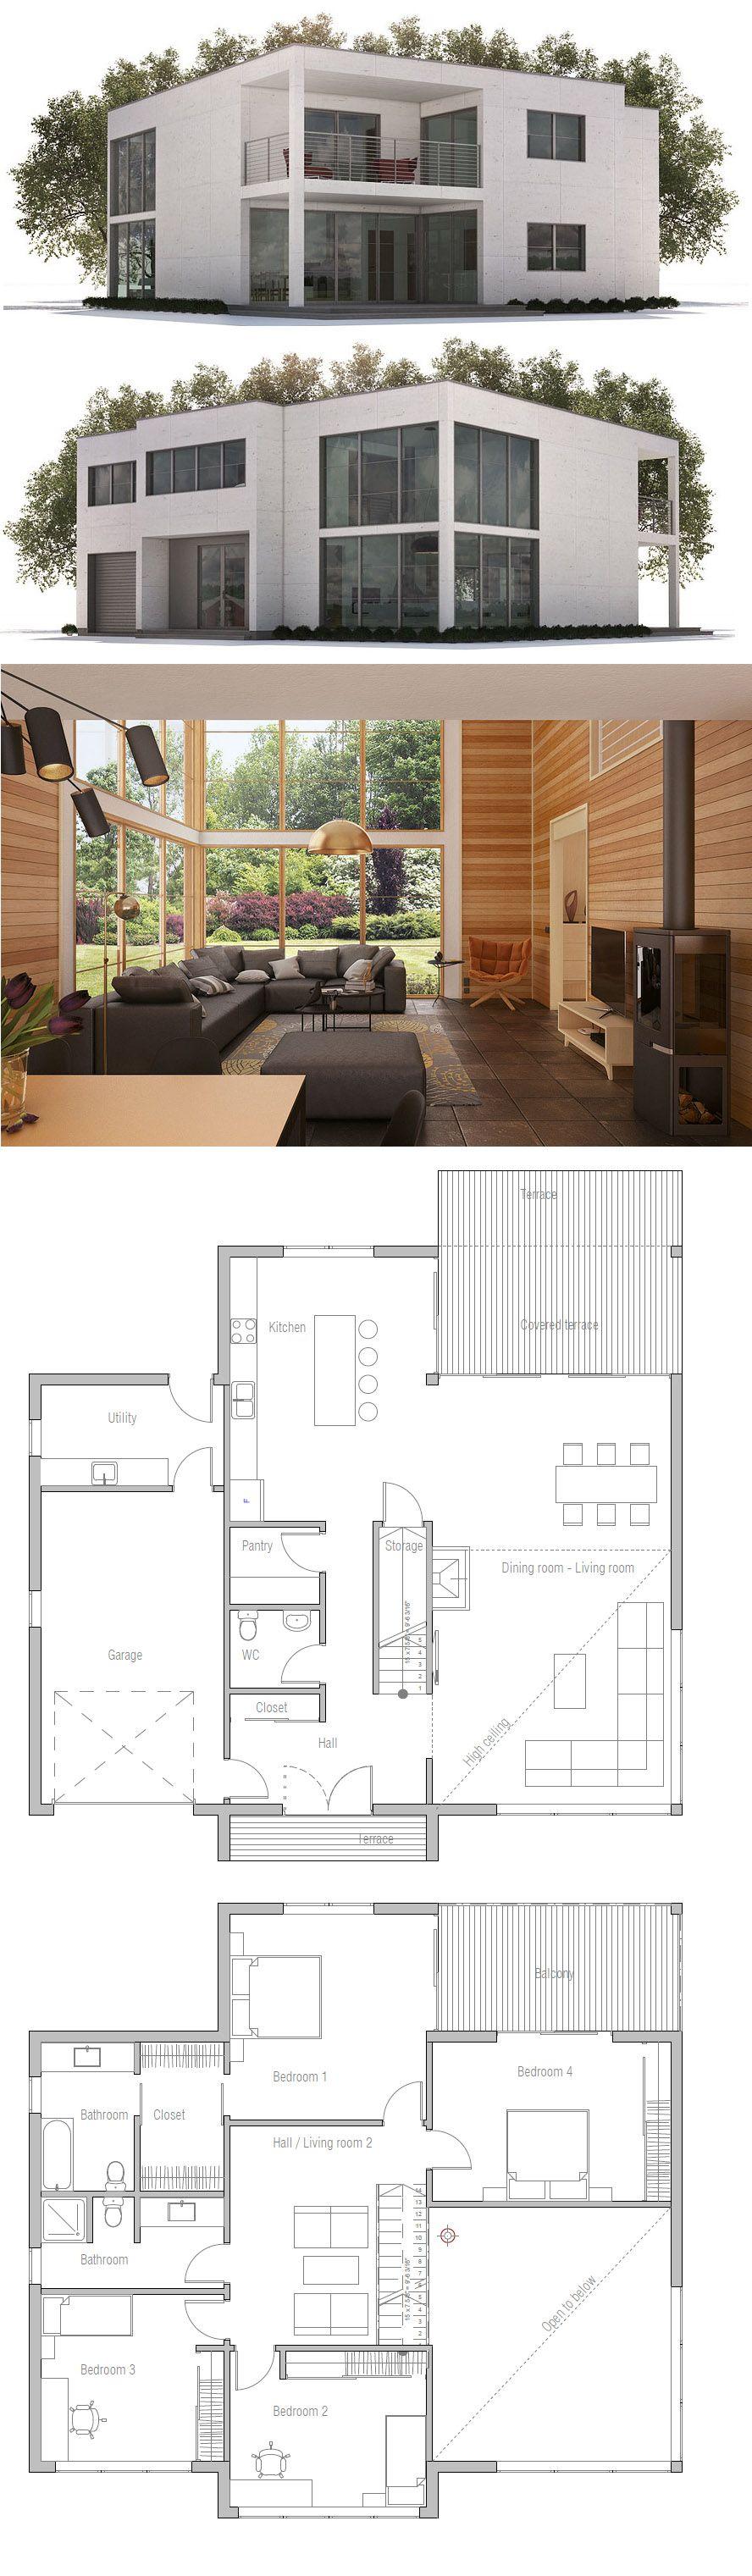 Modern Minimalist House Designs Building Design In 2018